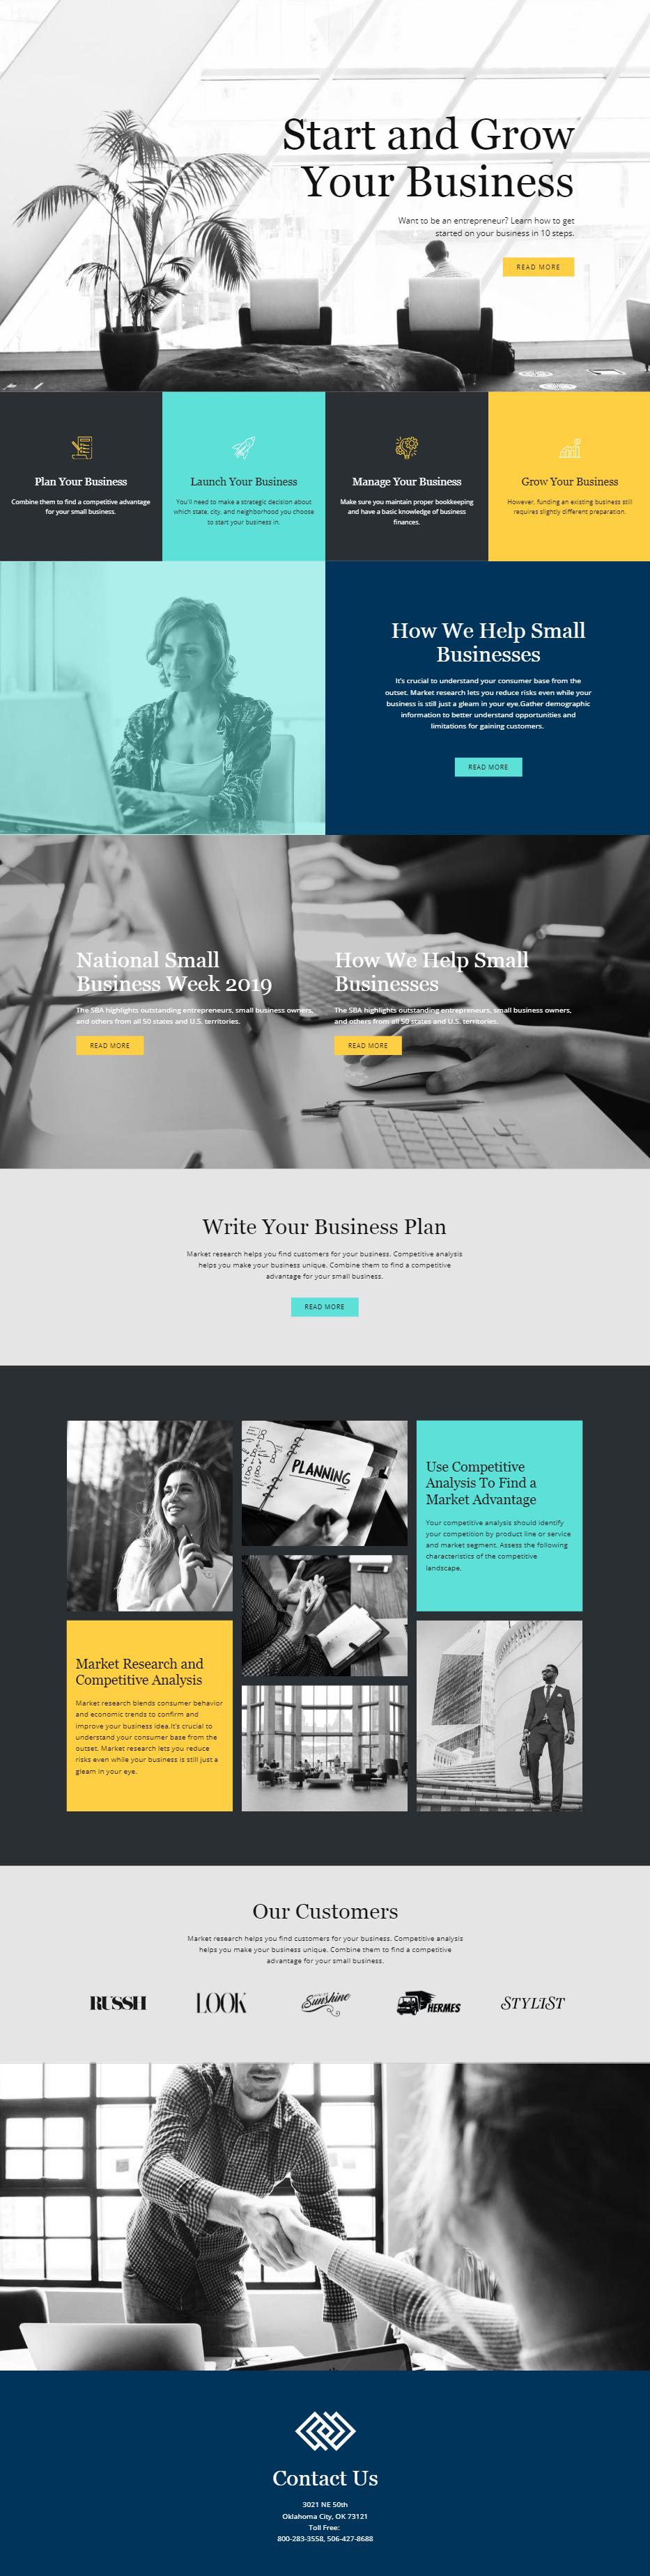 Free Template By Nicepage Builder Business Web Design Diy Website Design Web Design